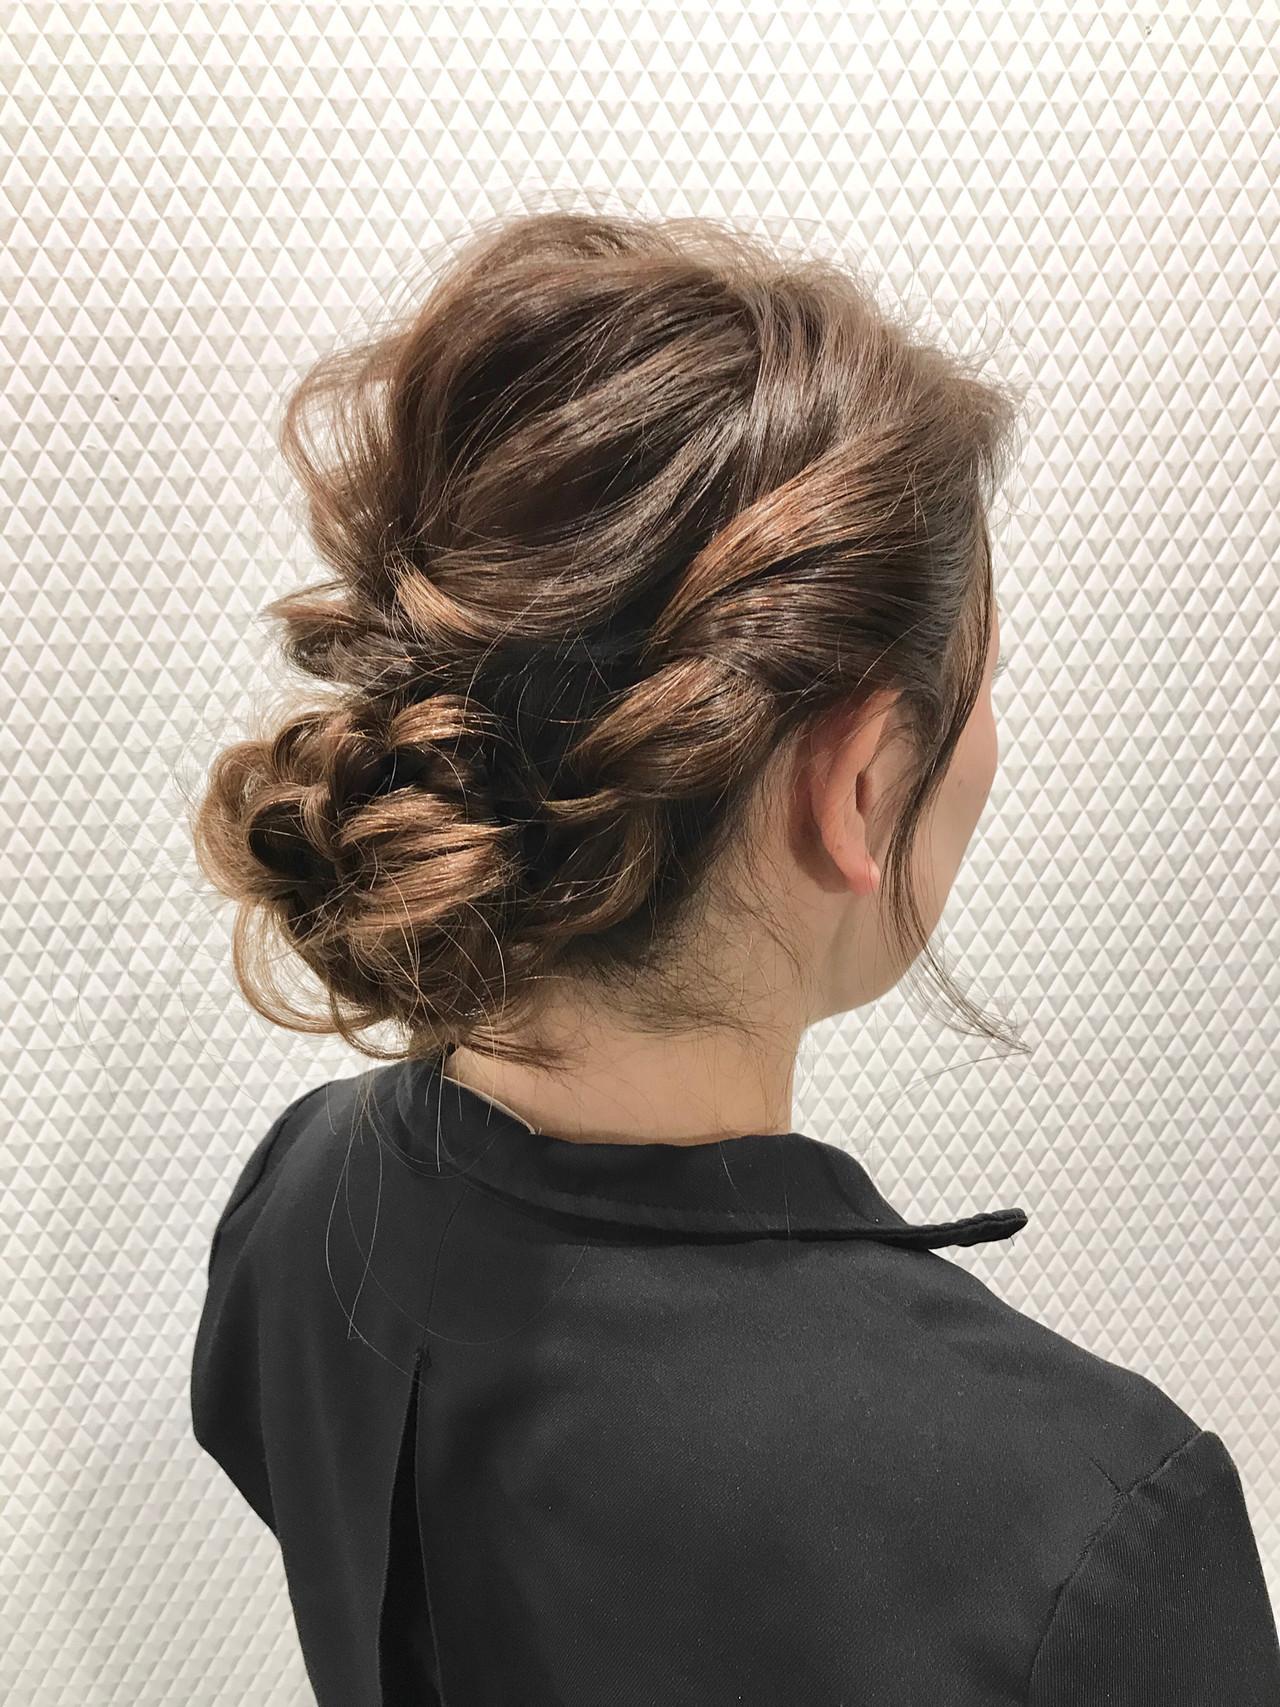 ナチュラル ふわふわヘアアレンジ ギブソンタック ヘアアレンジ ヘアスタイルや髪型の写真・画像